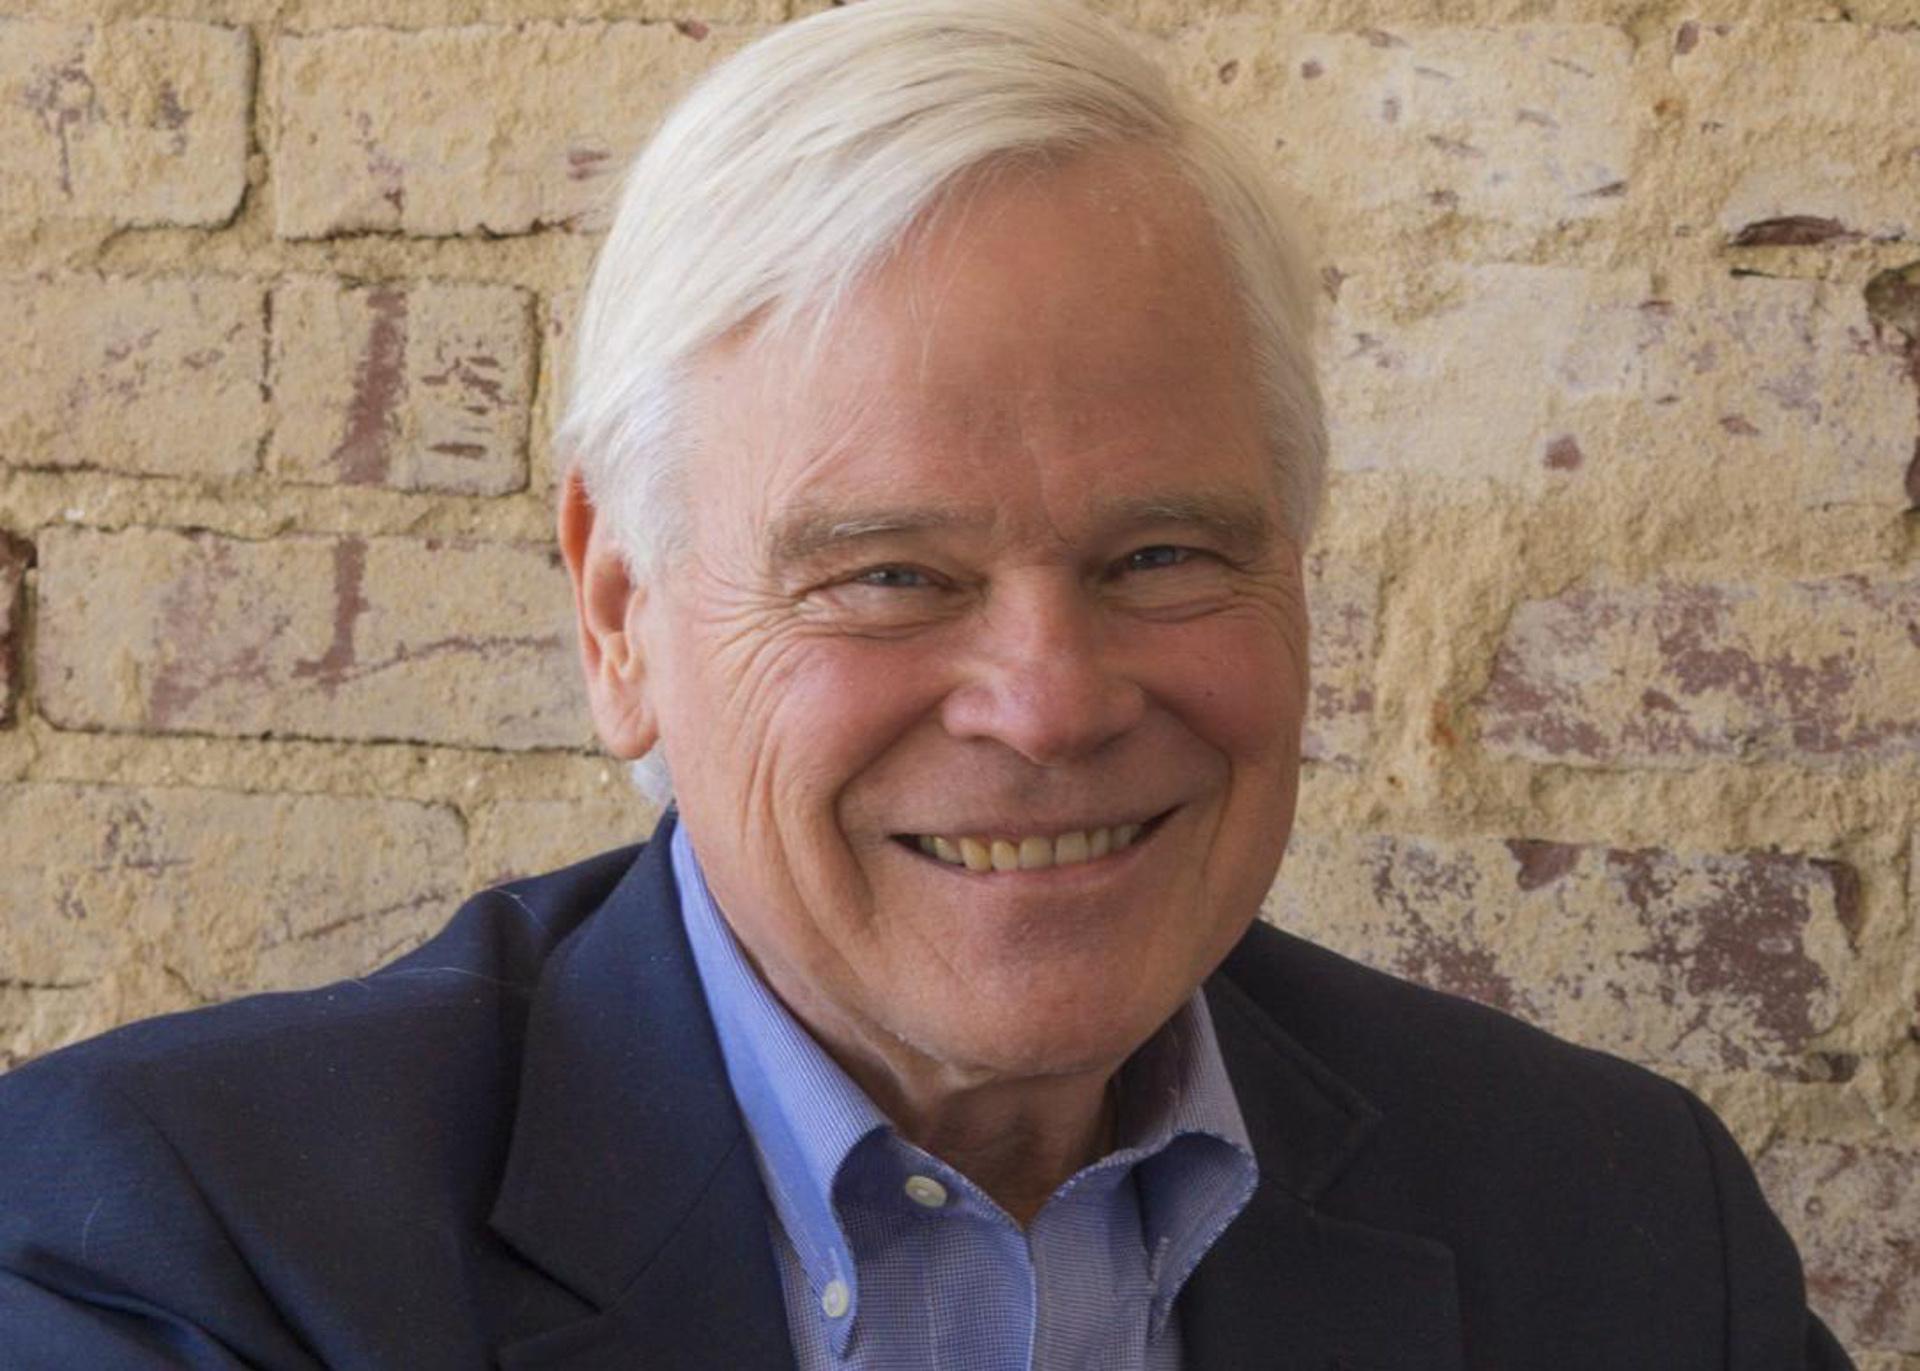 D.G. Martin - Host of NC Bookwatch - Headshot